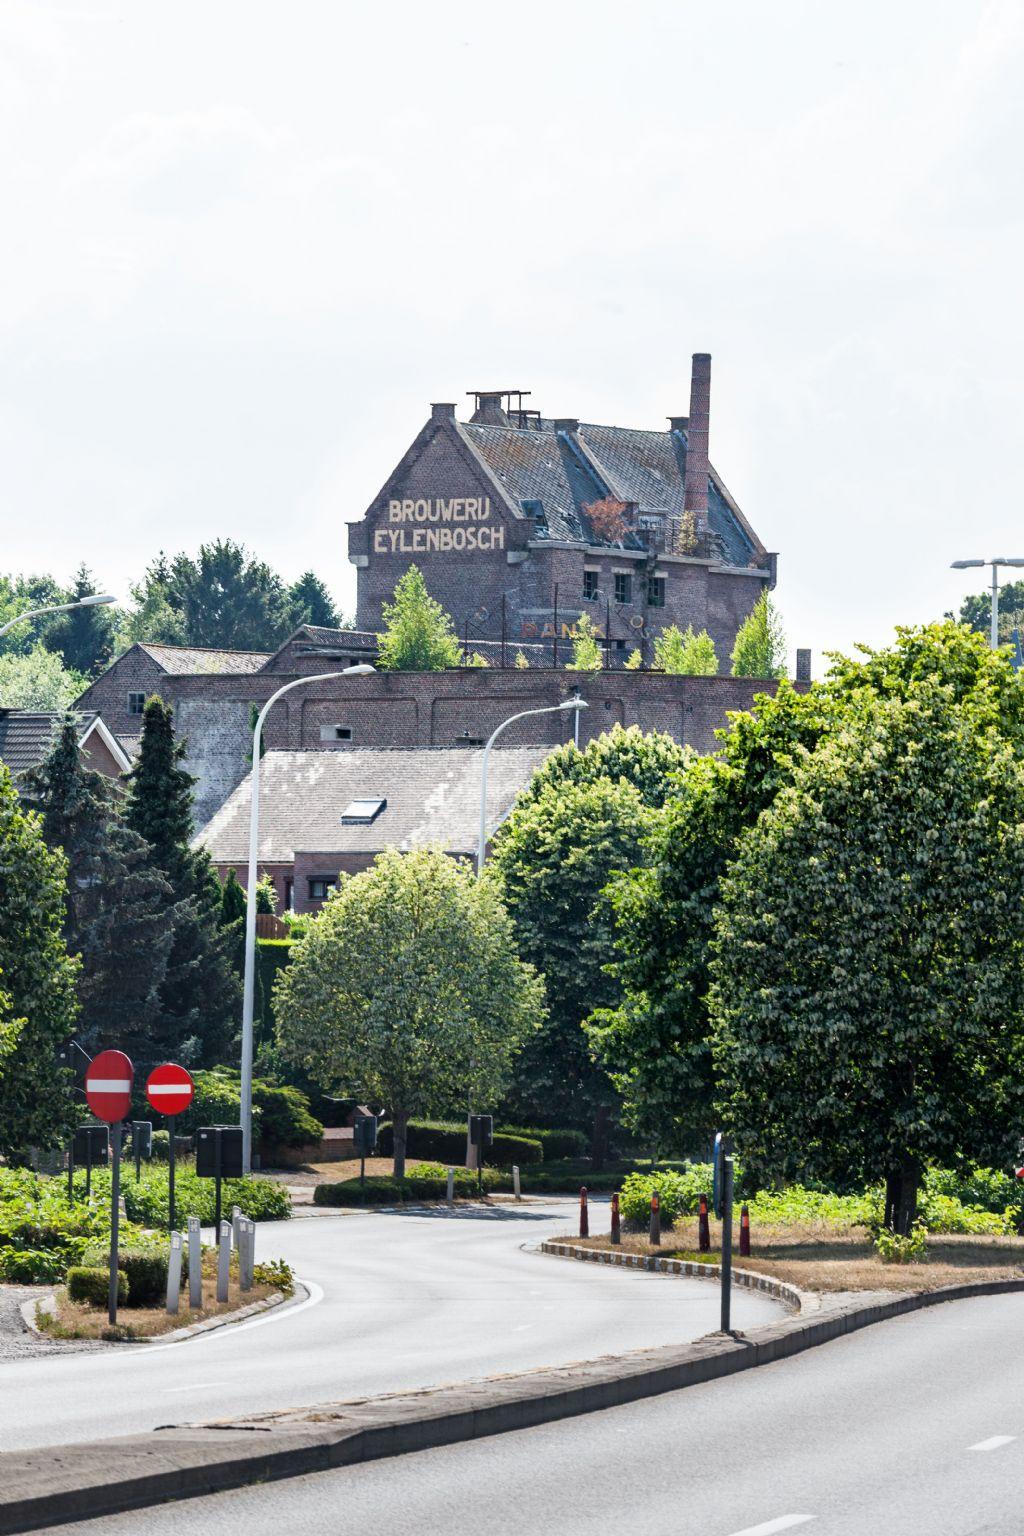 Eylenbosch is een project waar Raemaekers hoge verwachtingen over koestert.